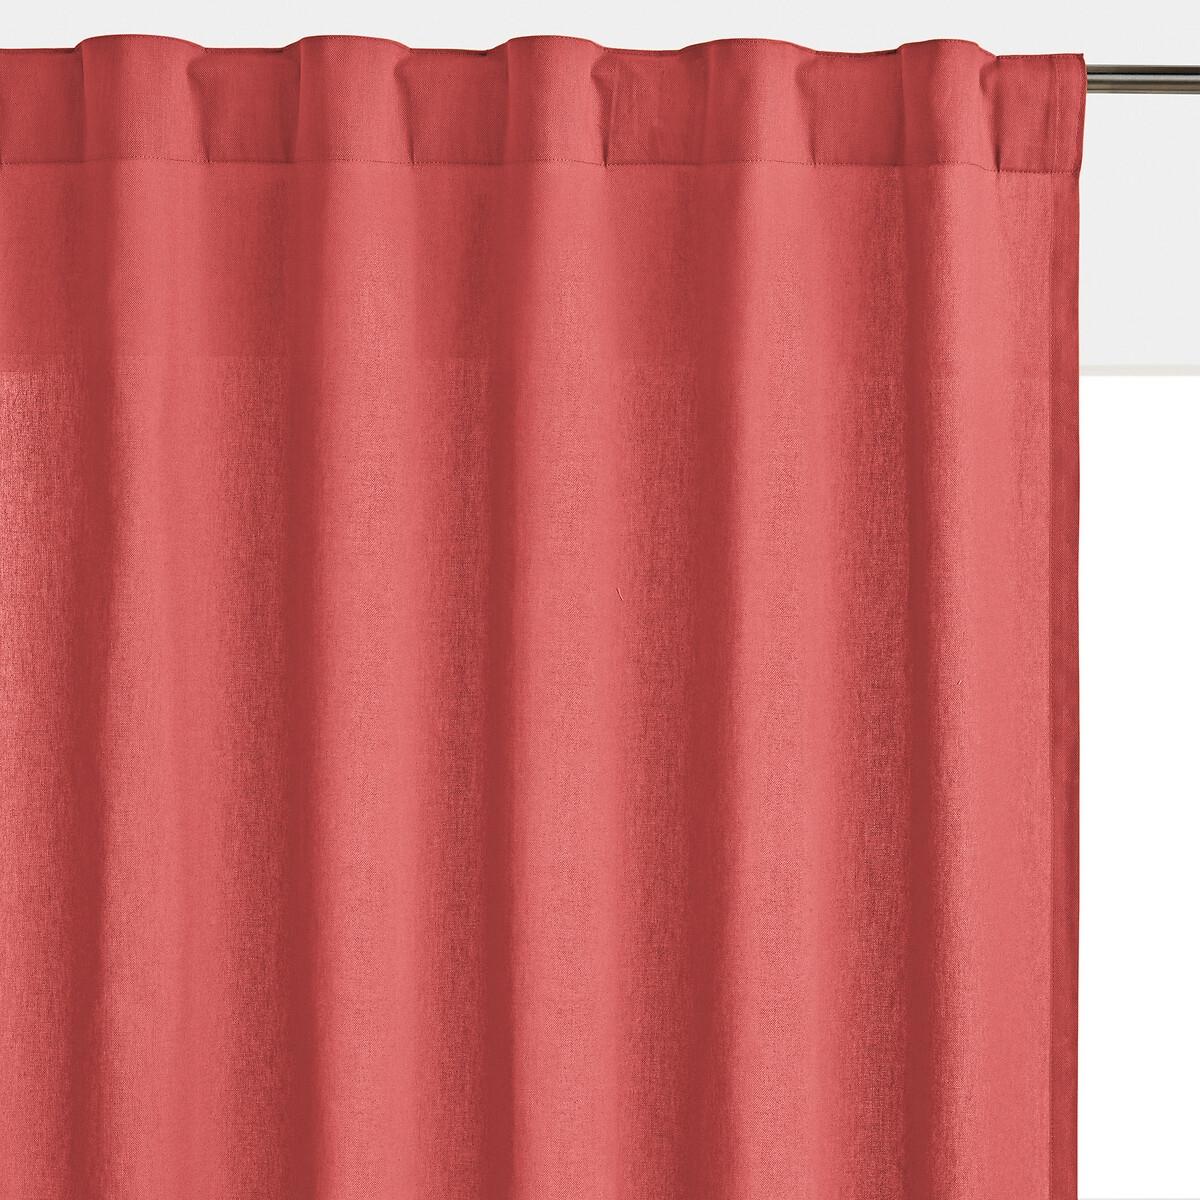 Штора LaRedoute 100 хлопок с отделкой потайными клапанами Scnario 180 x 135 см розовый